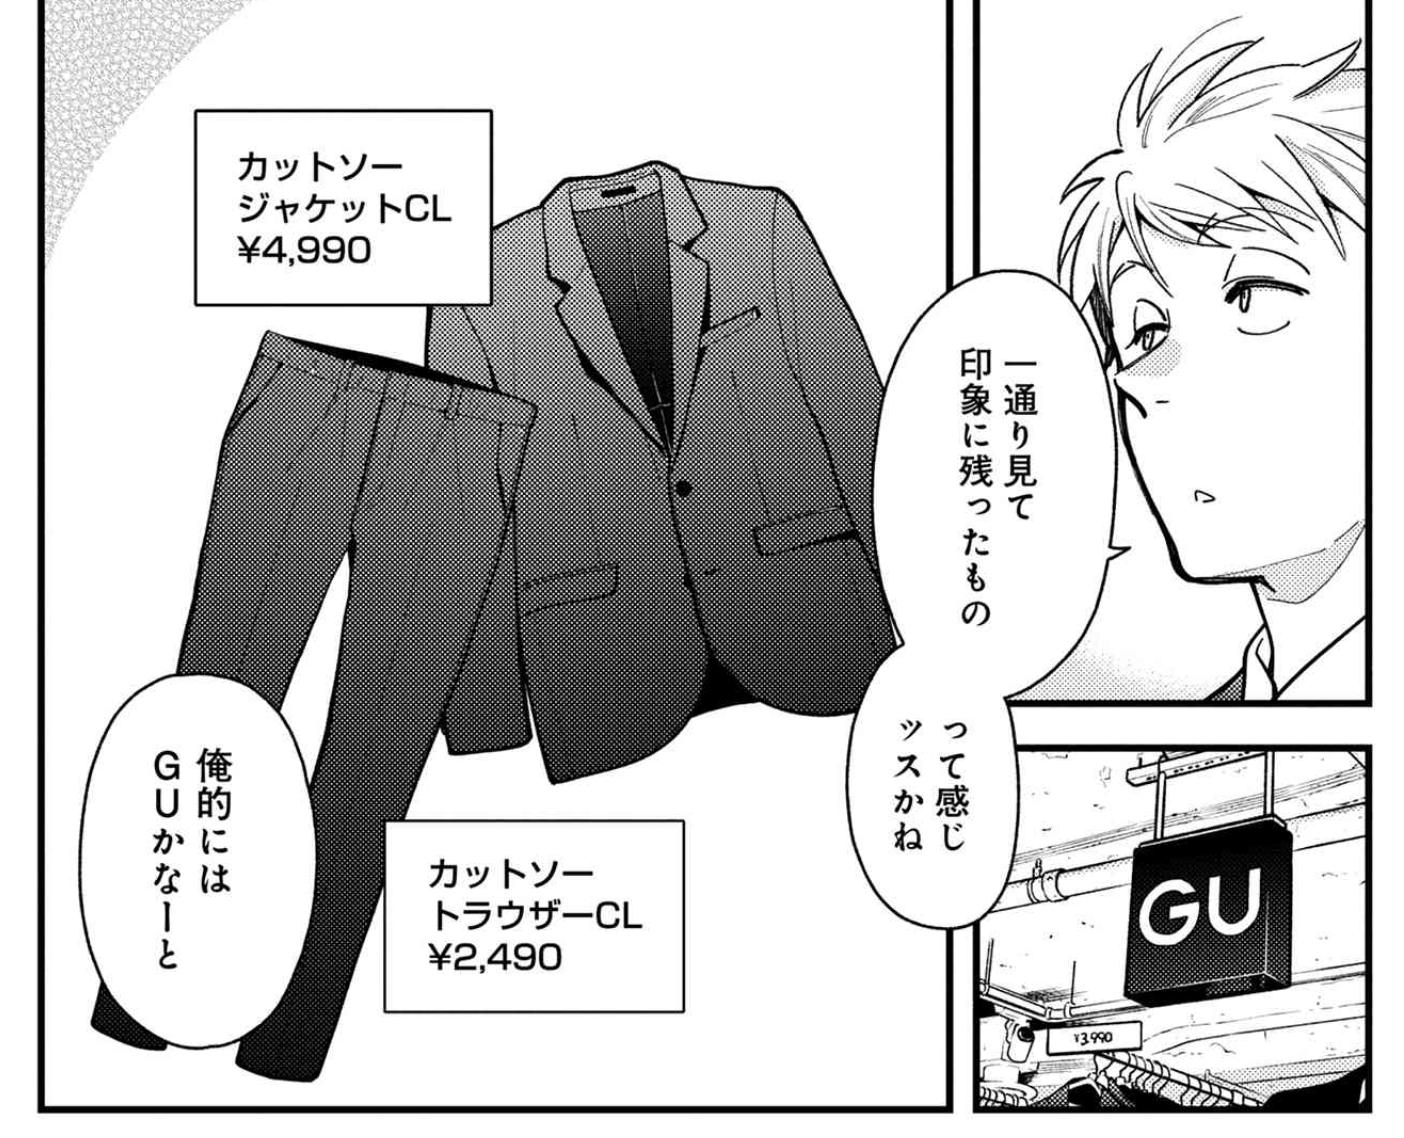 スーツ gu 入園式のスーツはGUやユニクロで決まり!ママにもパパにもおすすめ mamagirl [ママガール]